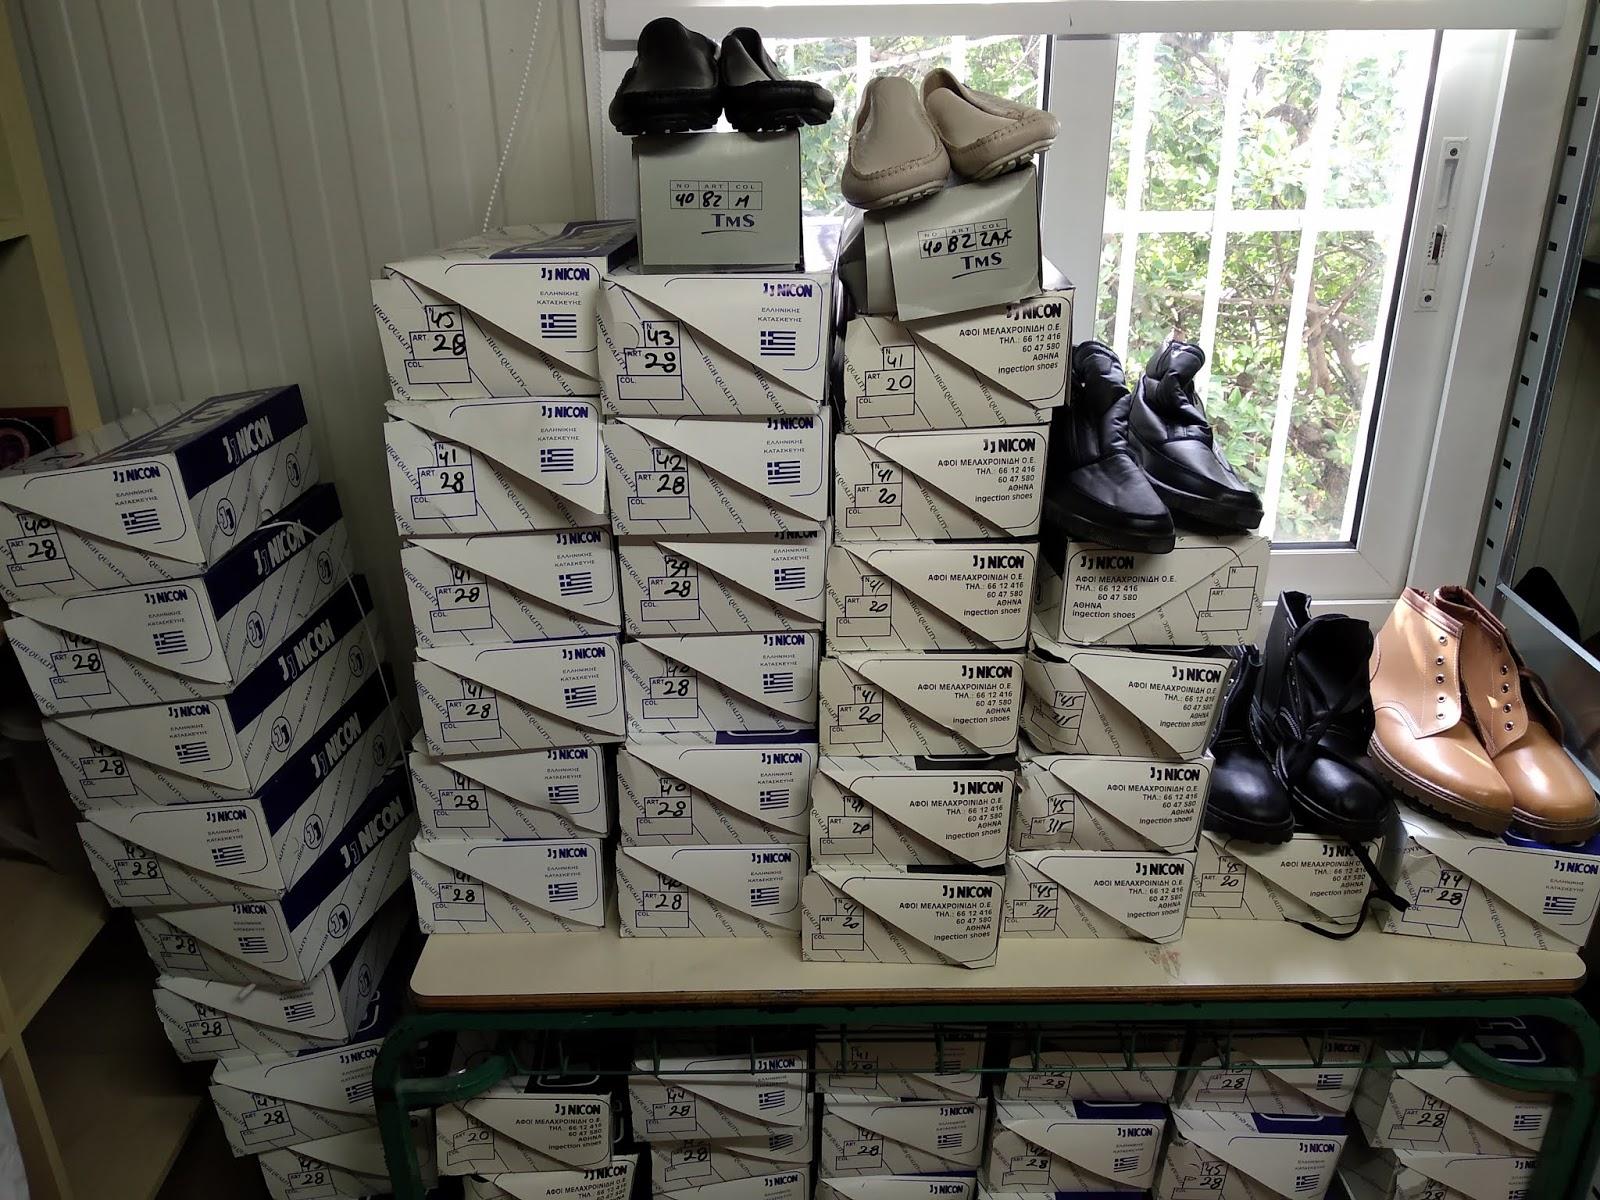 9cd20a214bd 1078 καινούργια ζευγάρια παπουτσιών από την Αφοι Μελαχροινίδη ΕΕ στο Κοινωνικό  Ανταλλακτήριο του Δήμου Παλλήνης